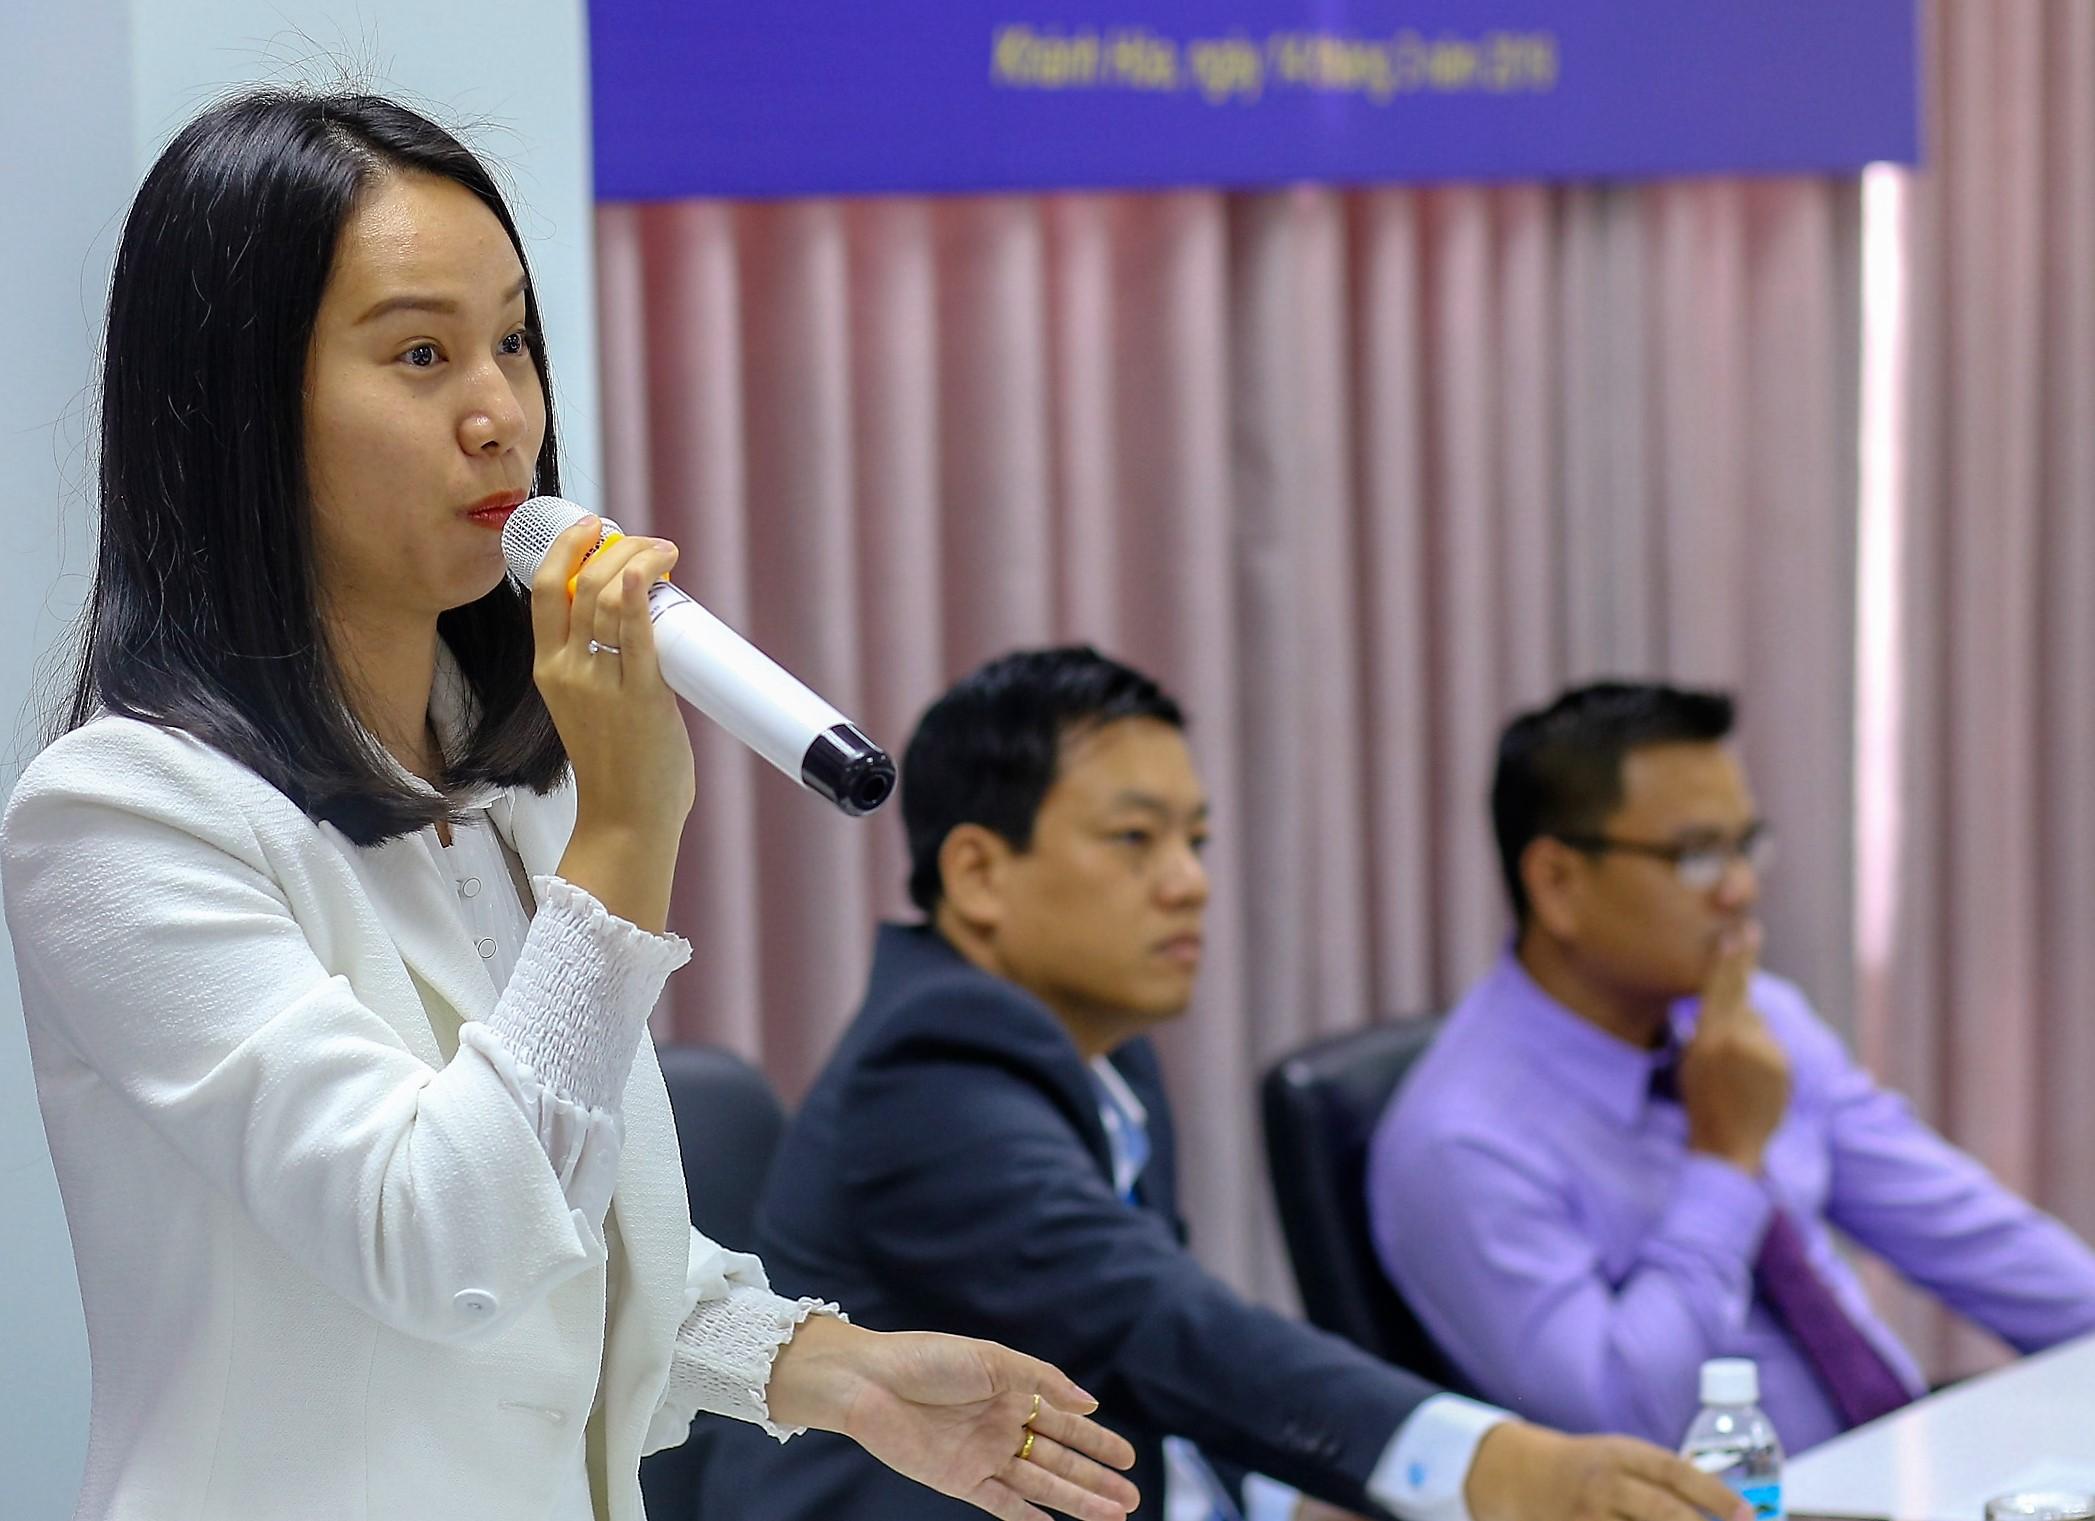 Doanh nhân trẻ Phan Thị Thảo Ly chia sẻ kinh nghiệm khởi nghiệp